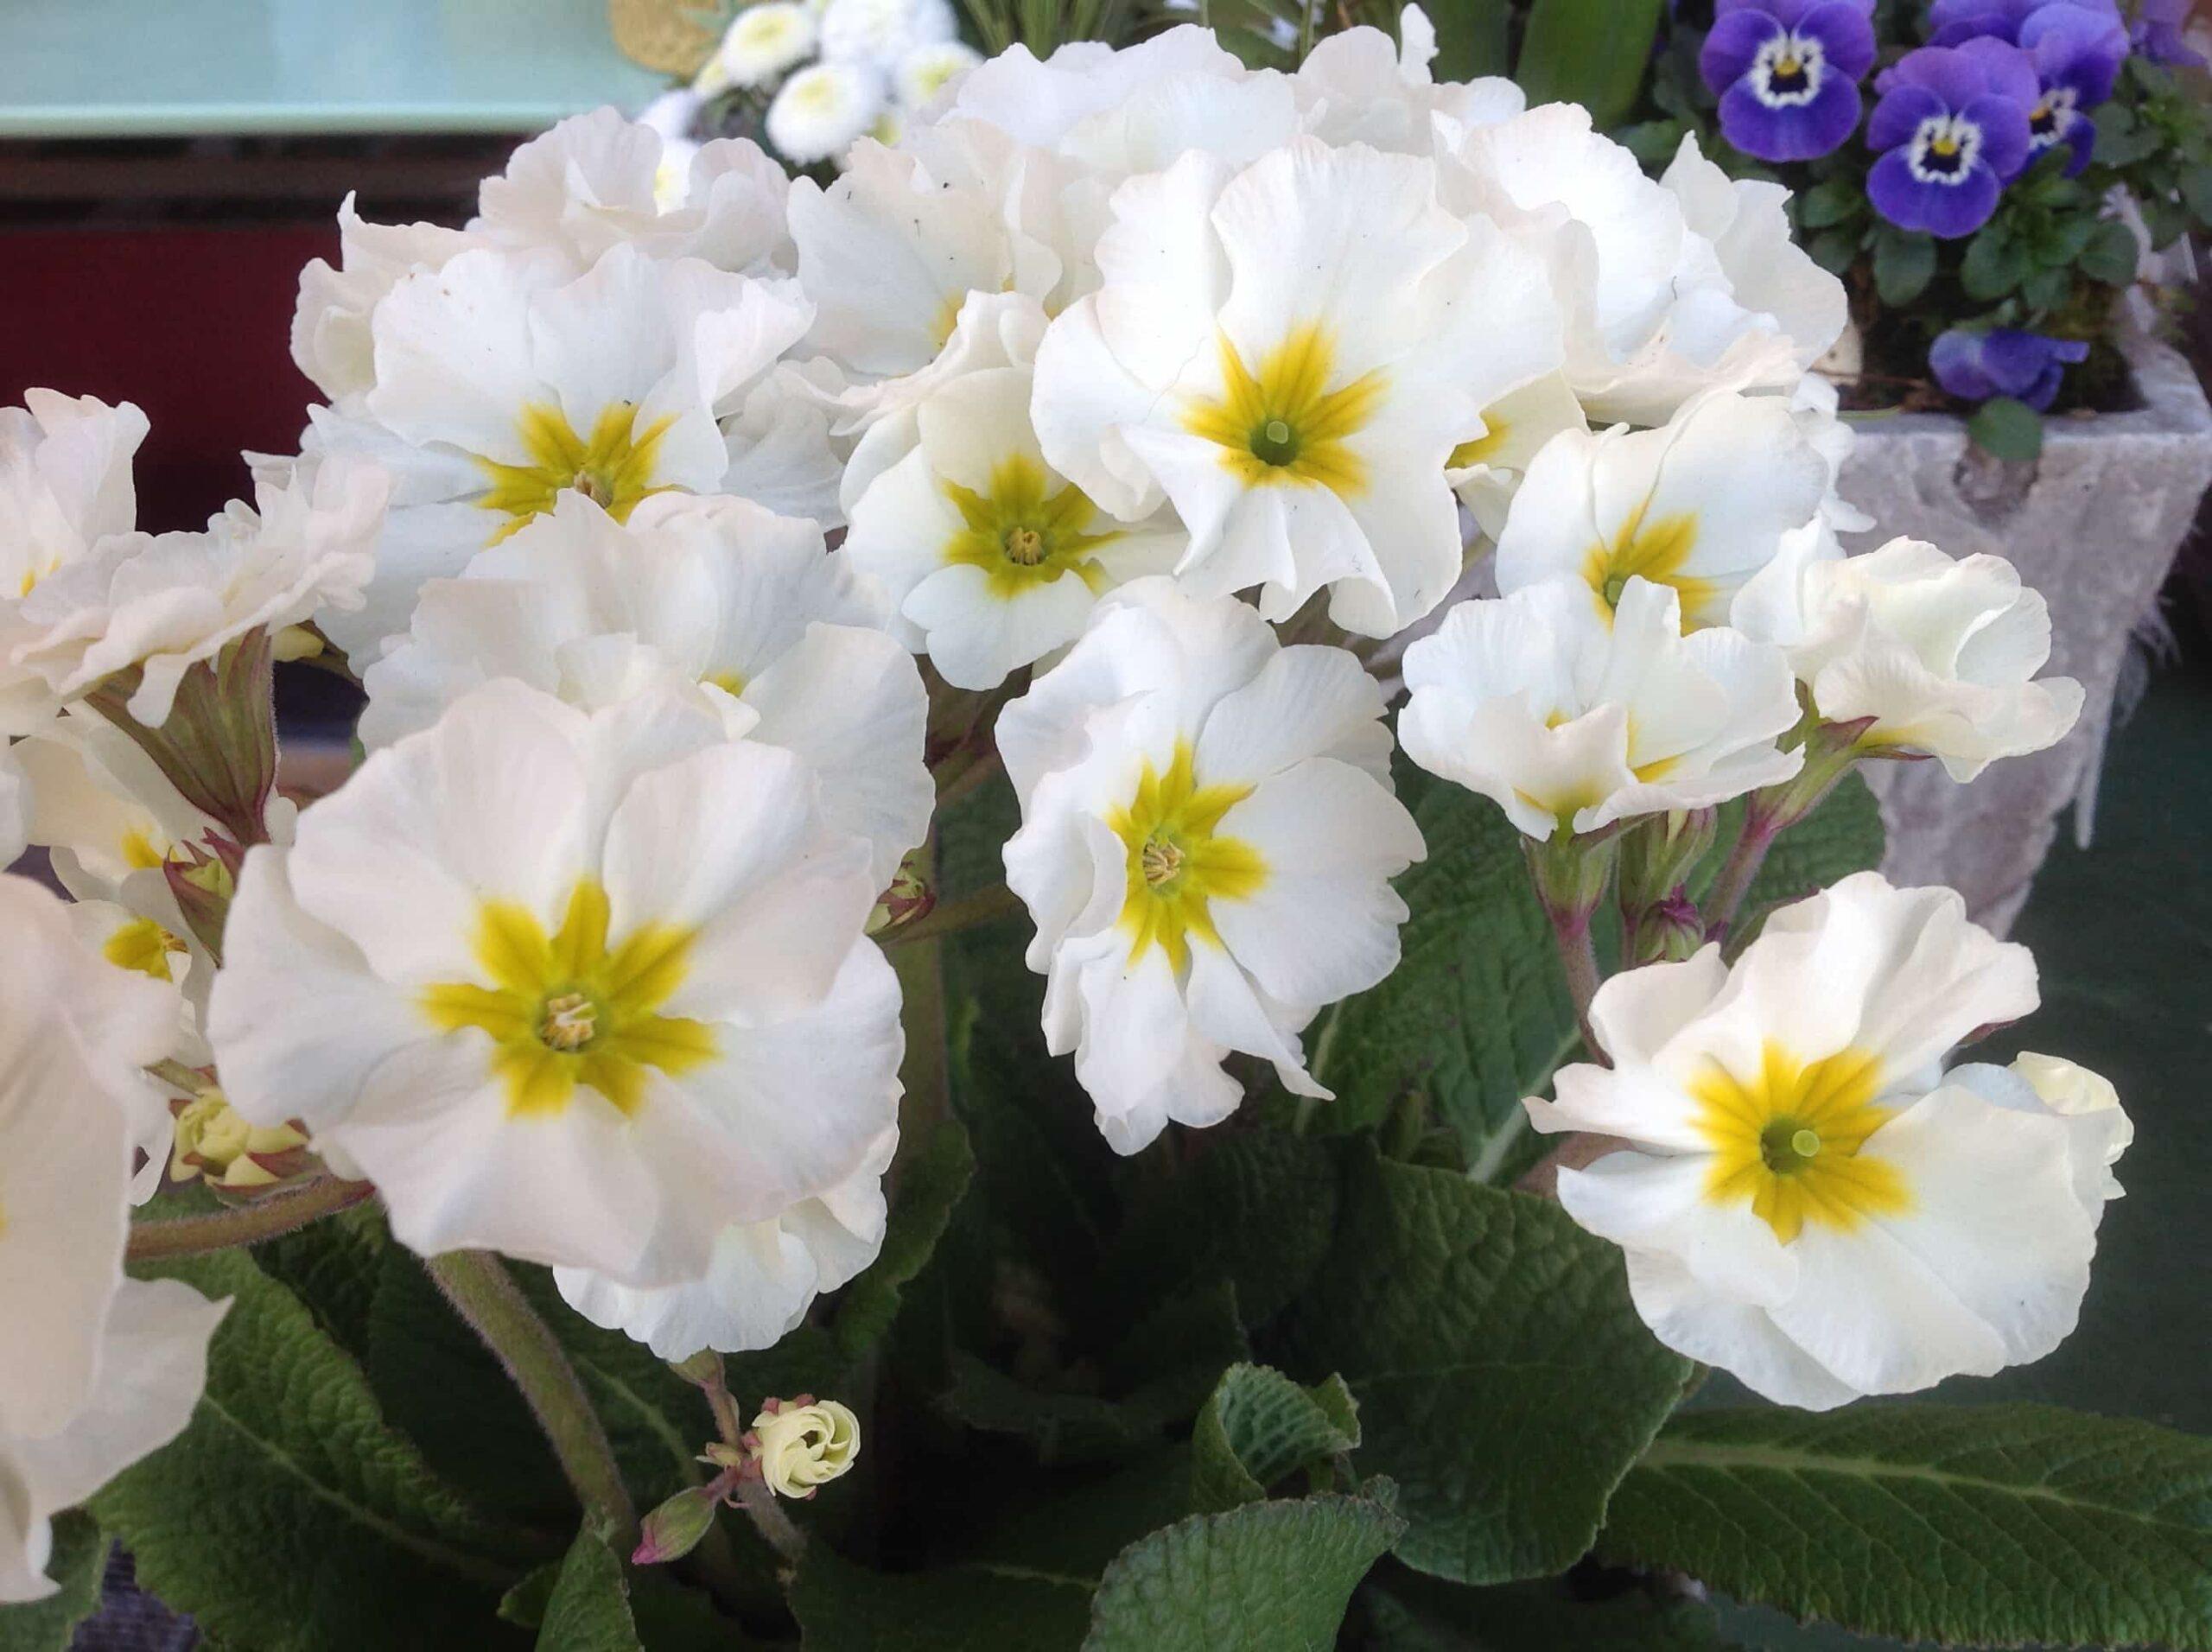 Blumen Magnolia Foto 18.03.20, 11 15 12